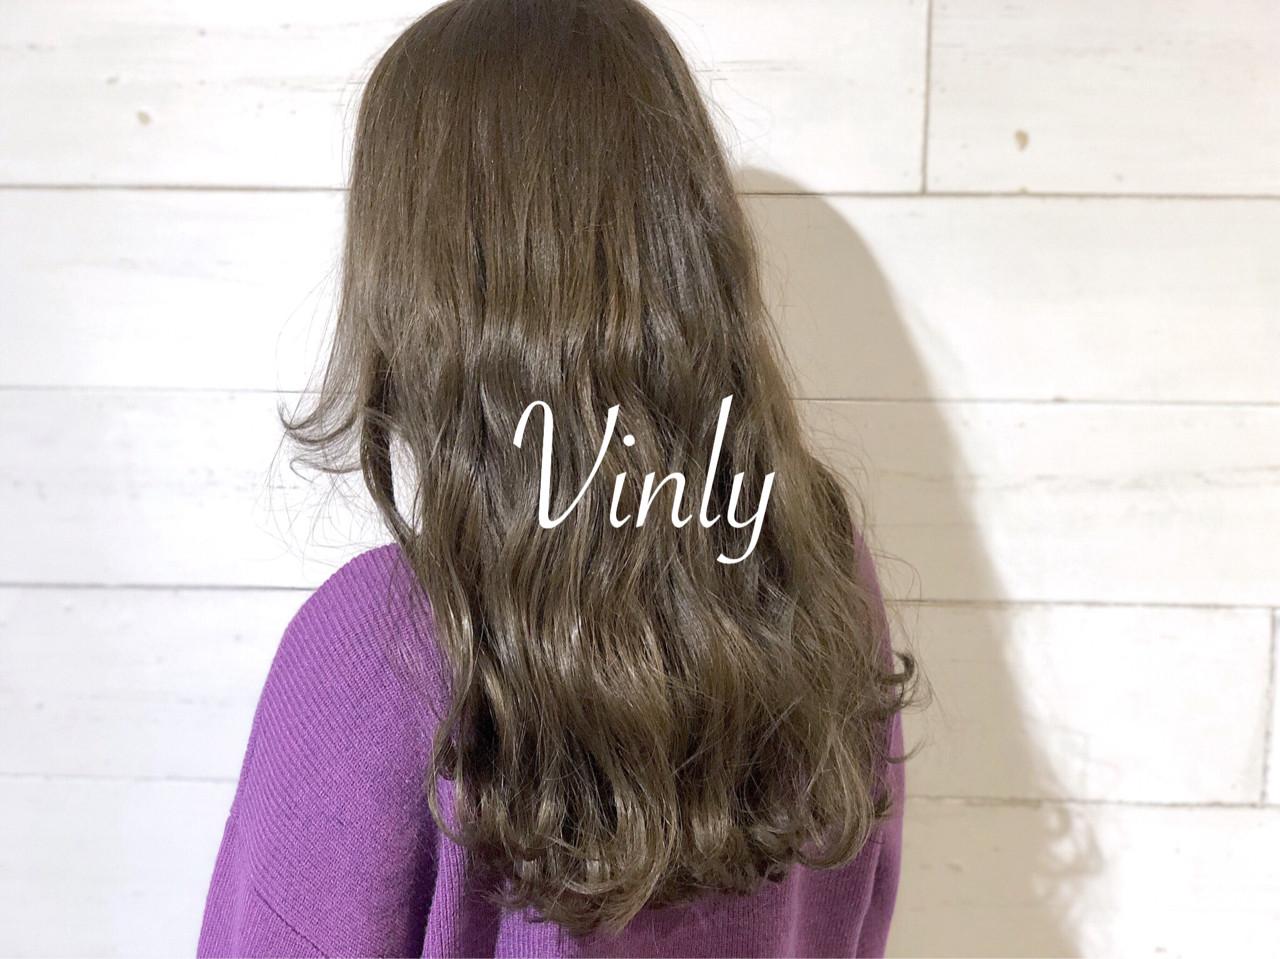 ゆるふわ ヘアアレンジ オフィス ナチュラル ヘアスタイルや髪型の写真・画像   norihiko yoshimoto / Vinly hair salon